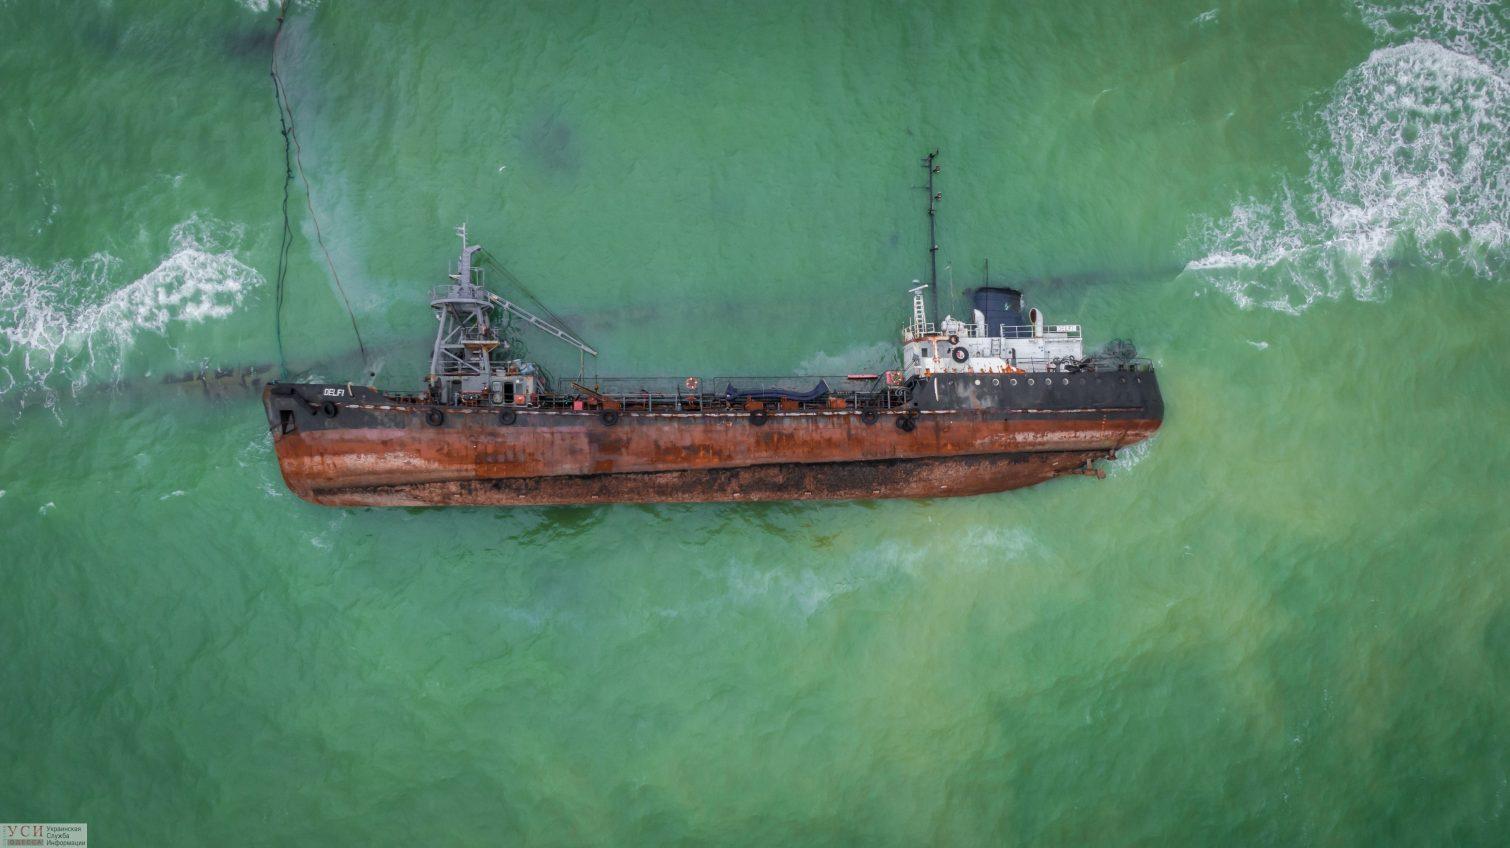 Госэкоинспекция Украины готовится подсчитать убытки от крушения танкера «Delfi» и обратиться в суд «фото»